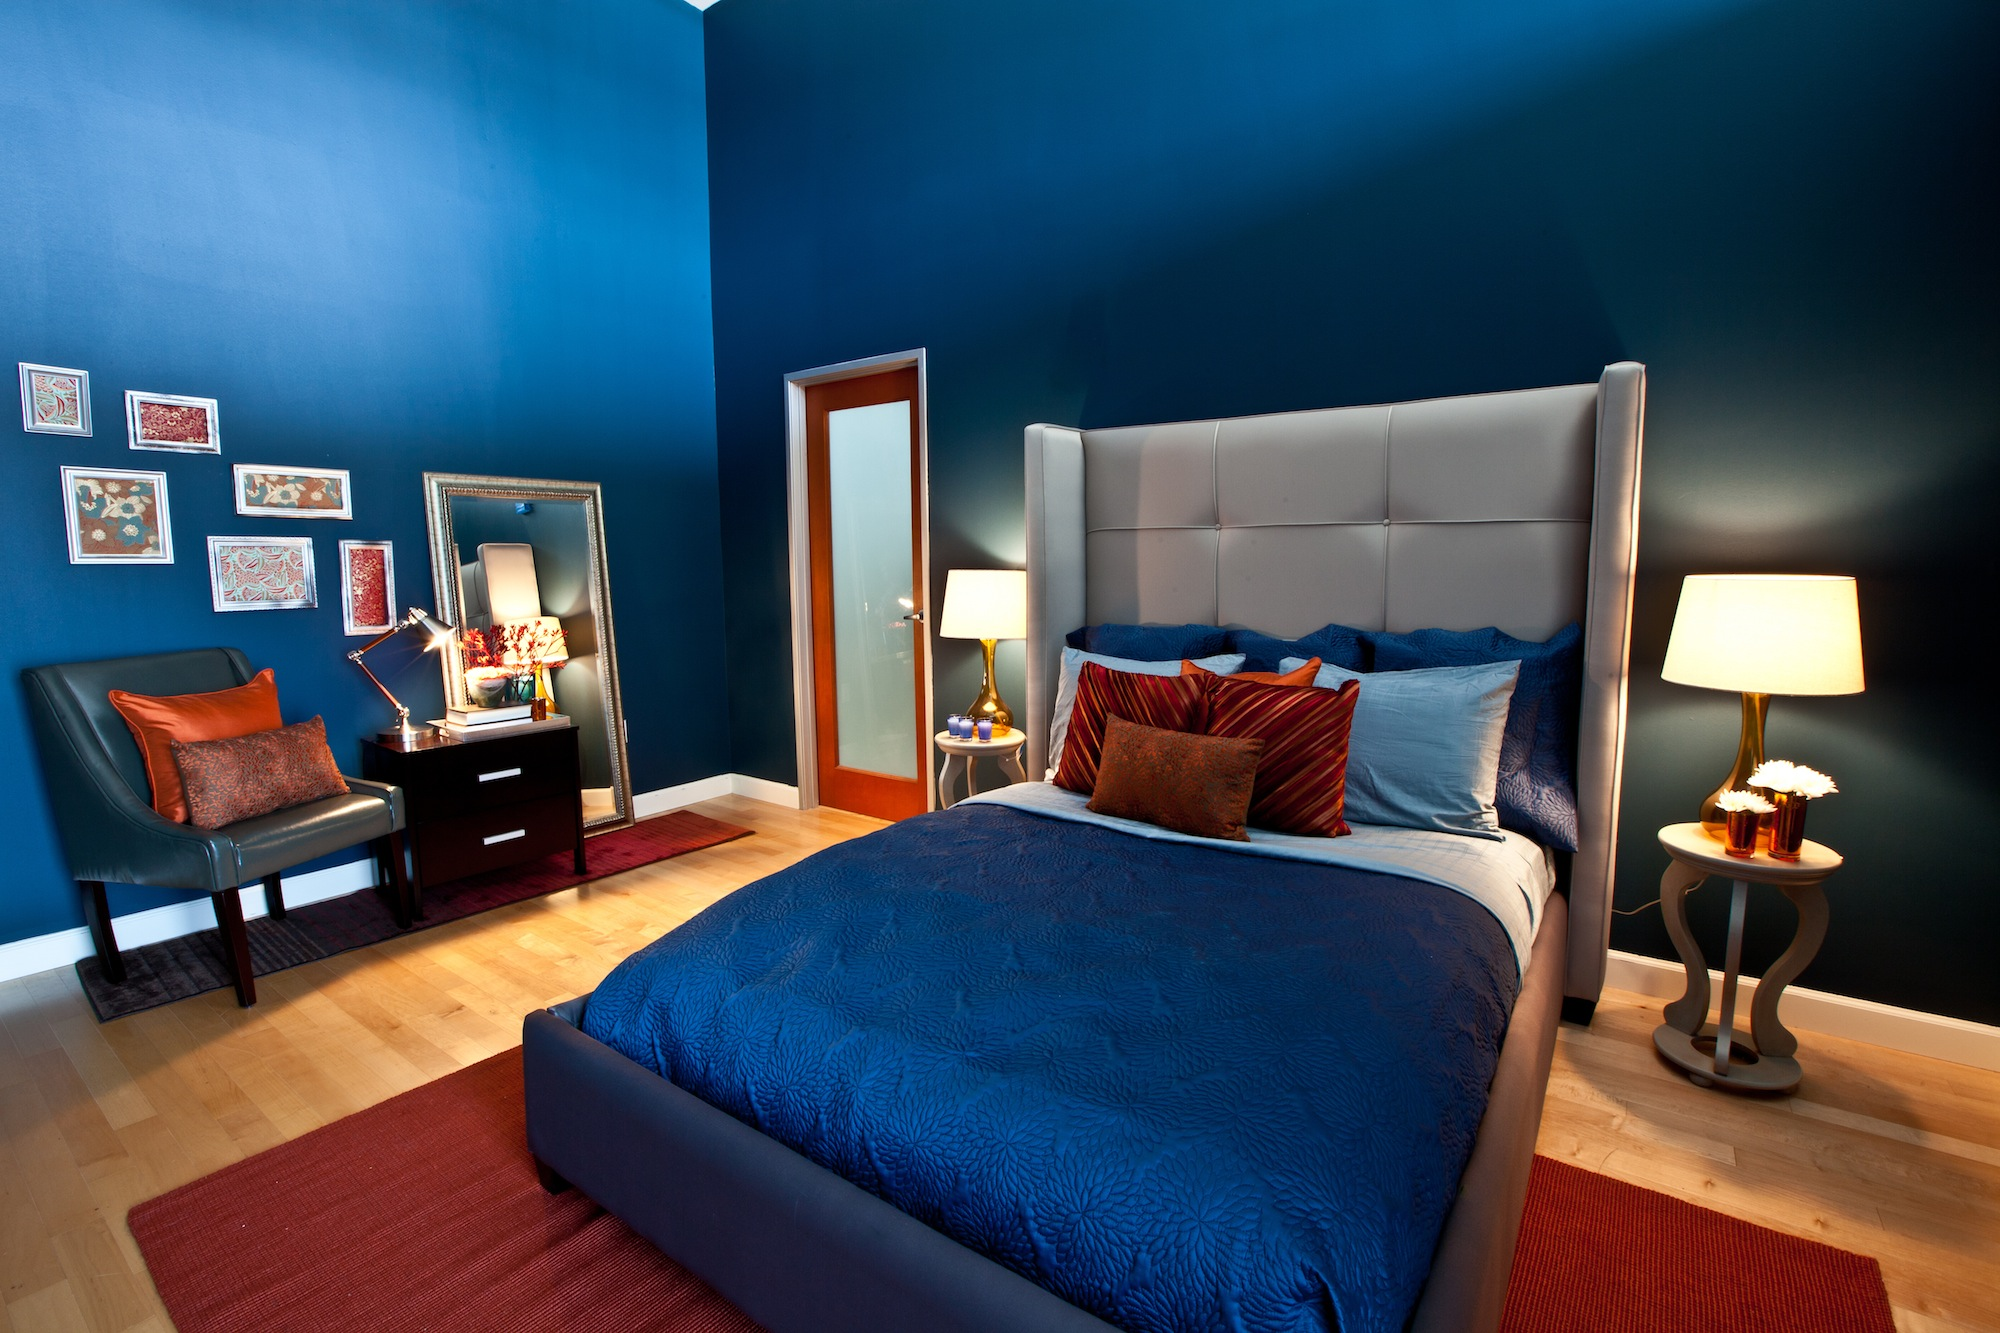 Синий, красный, серый и бежевый цвета в спальне